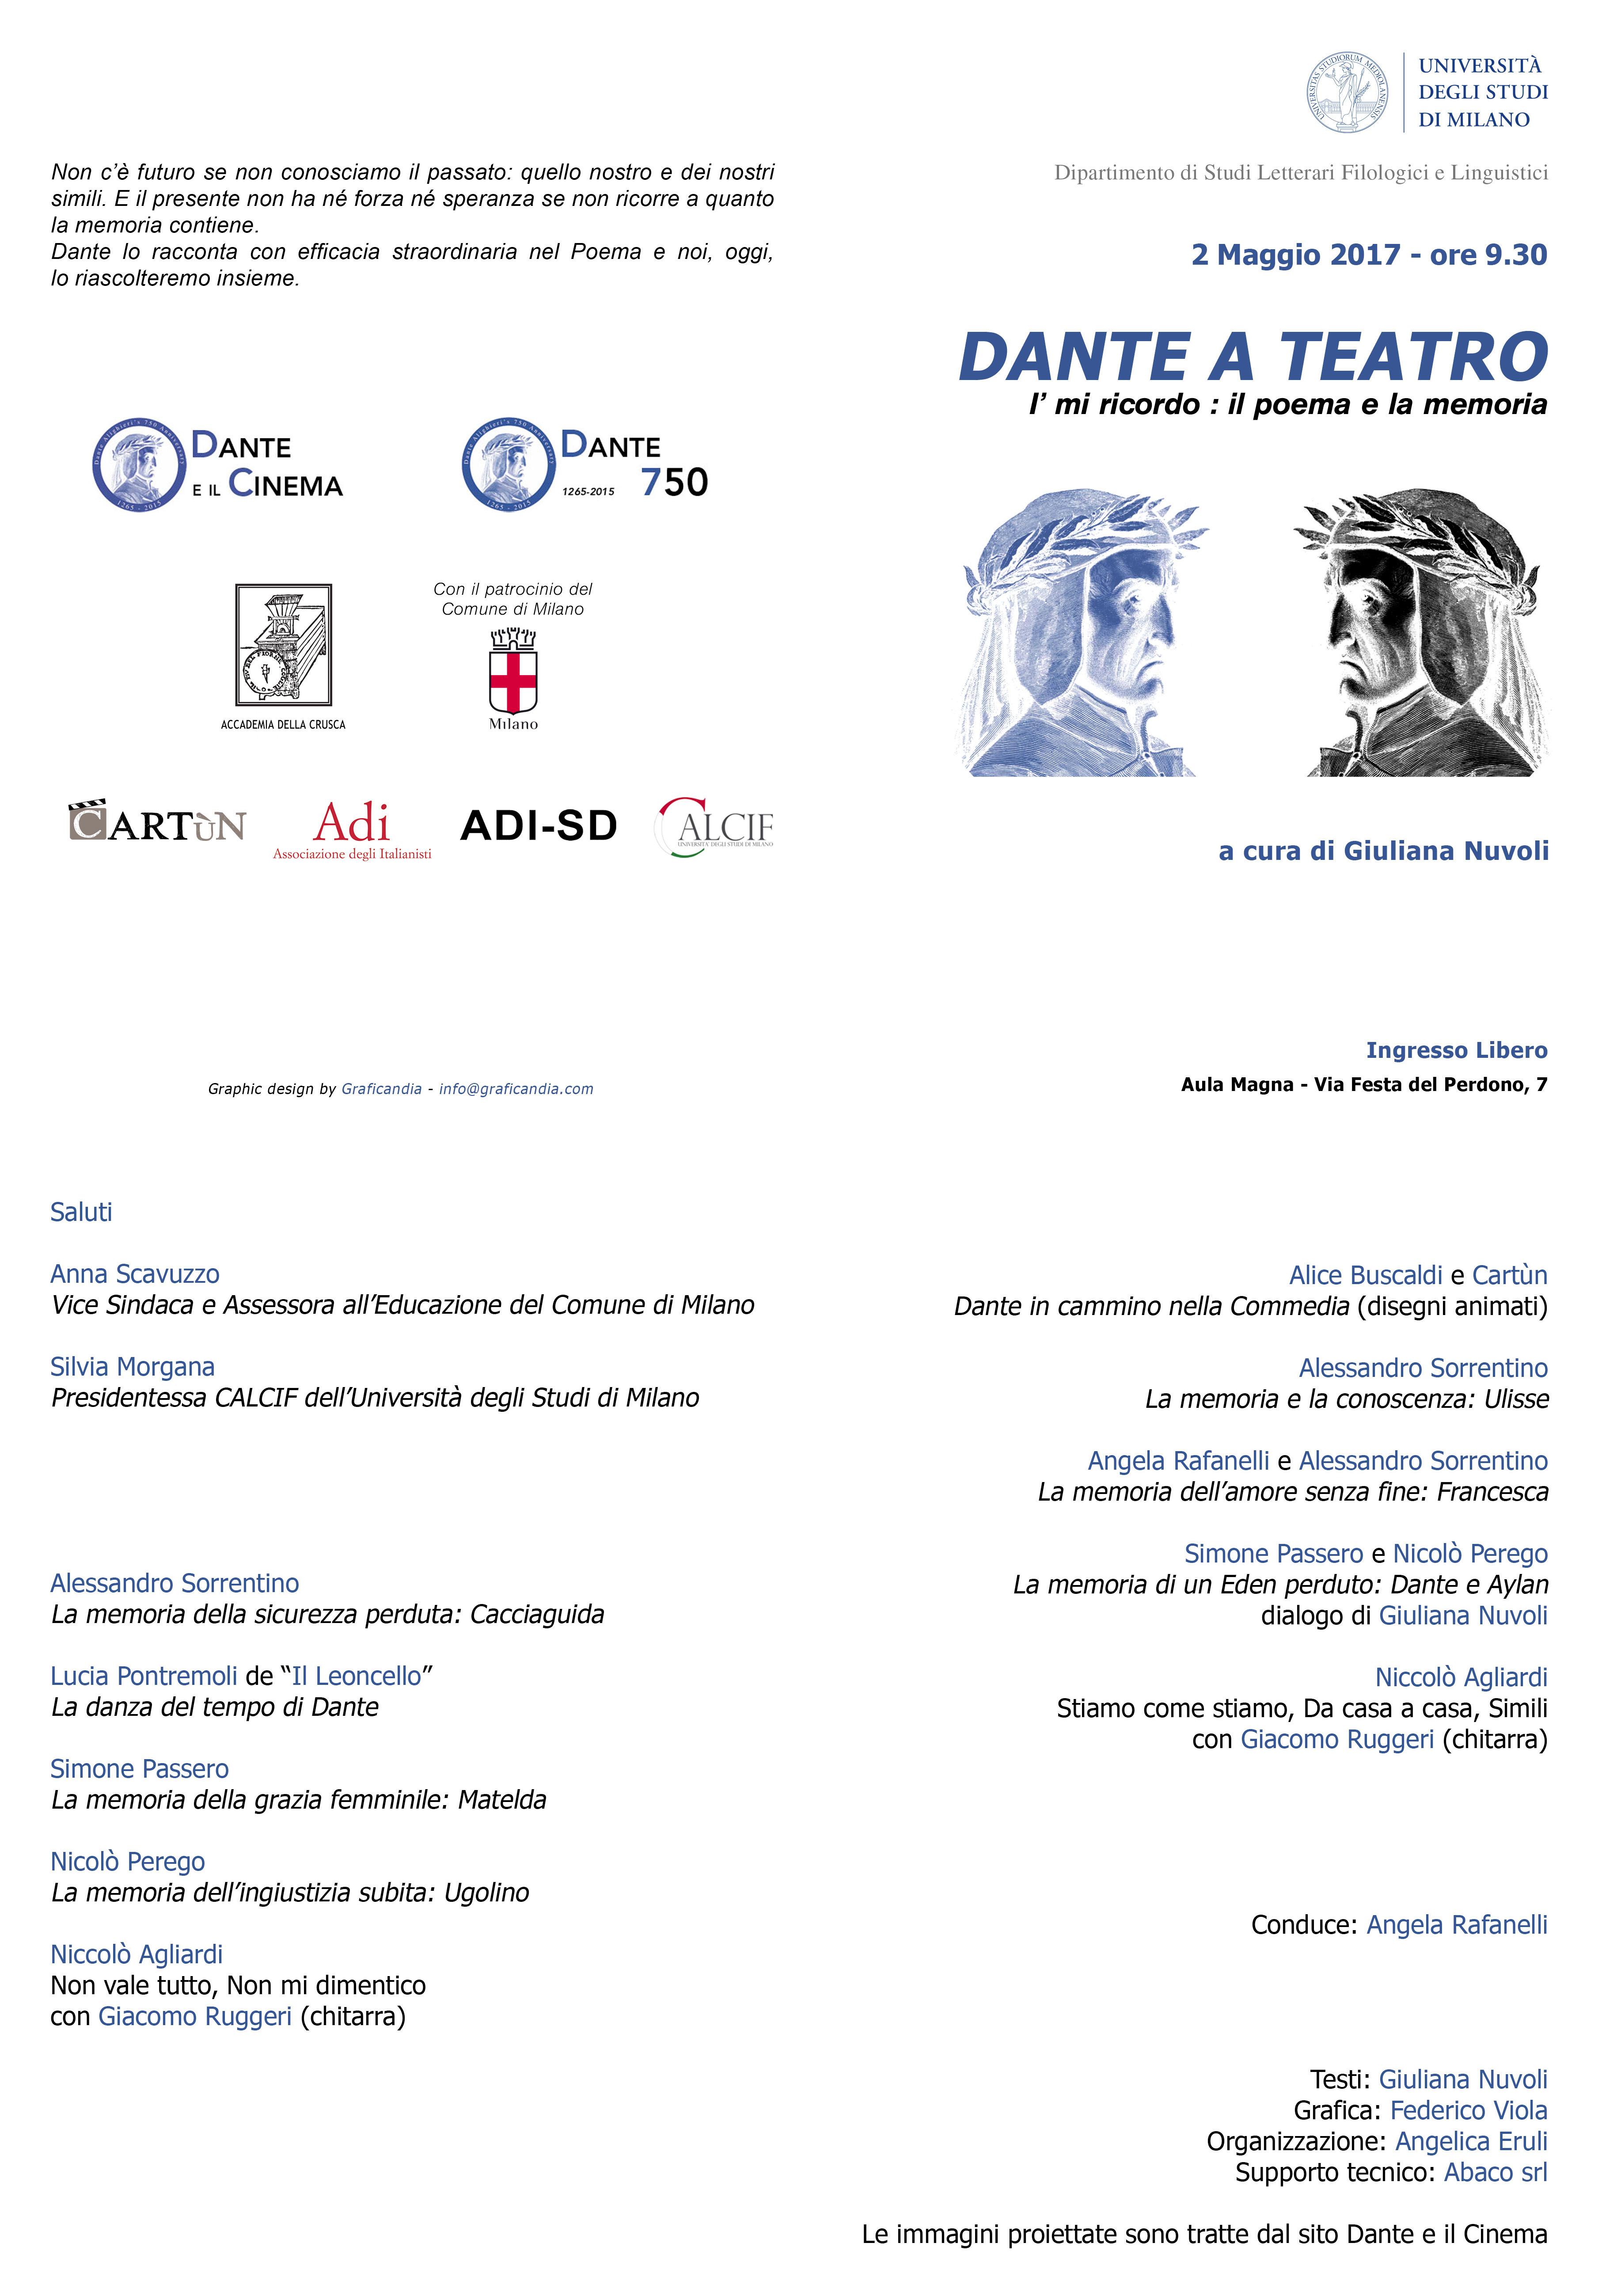 Dante a teatro 2017 librettointeroweb 1